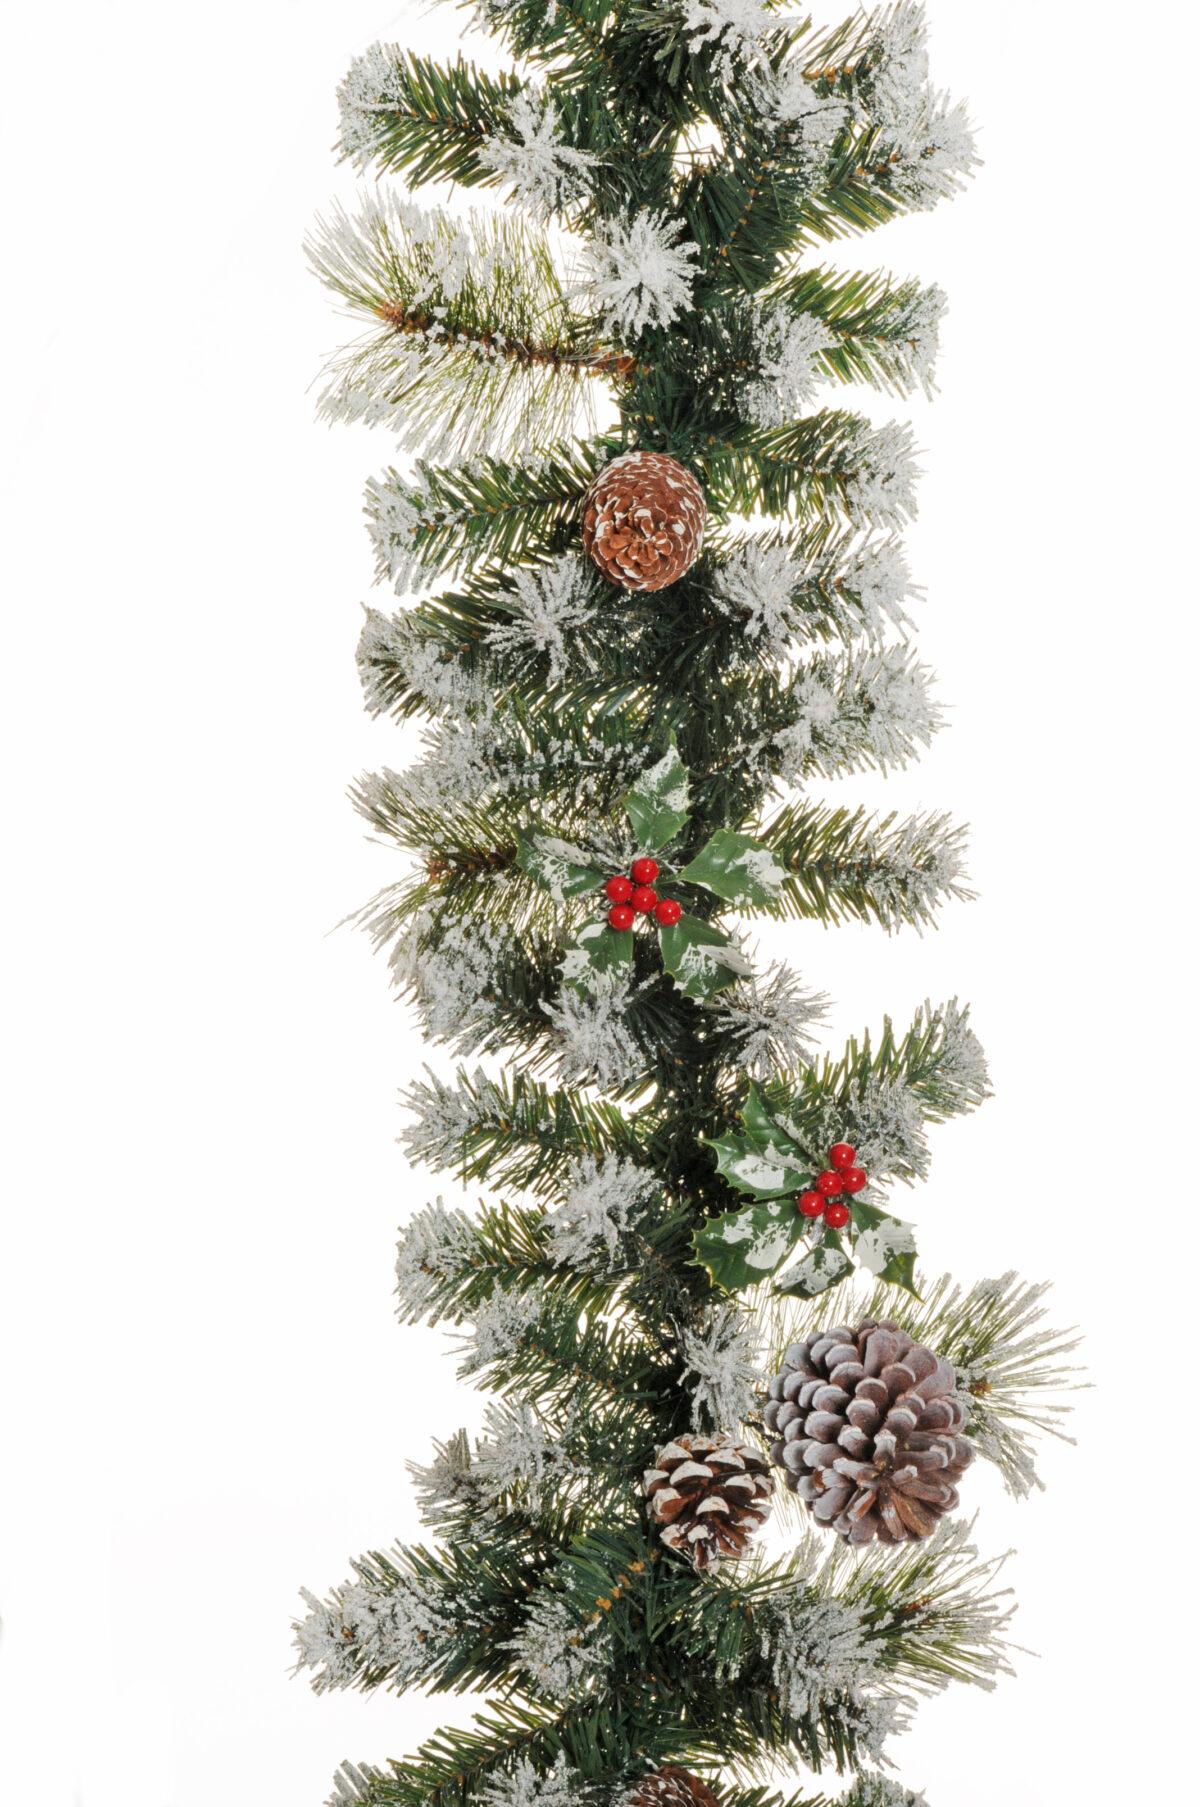 Ghirlanda natalizia di Pino artificiale con neve, bacche rosse e pigne. 220 punte d. 28 cm. L. 270 cm.